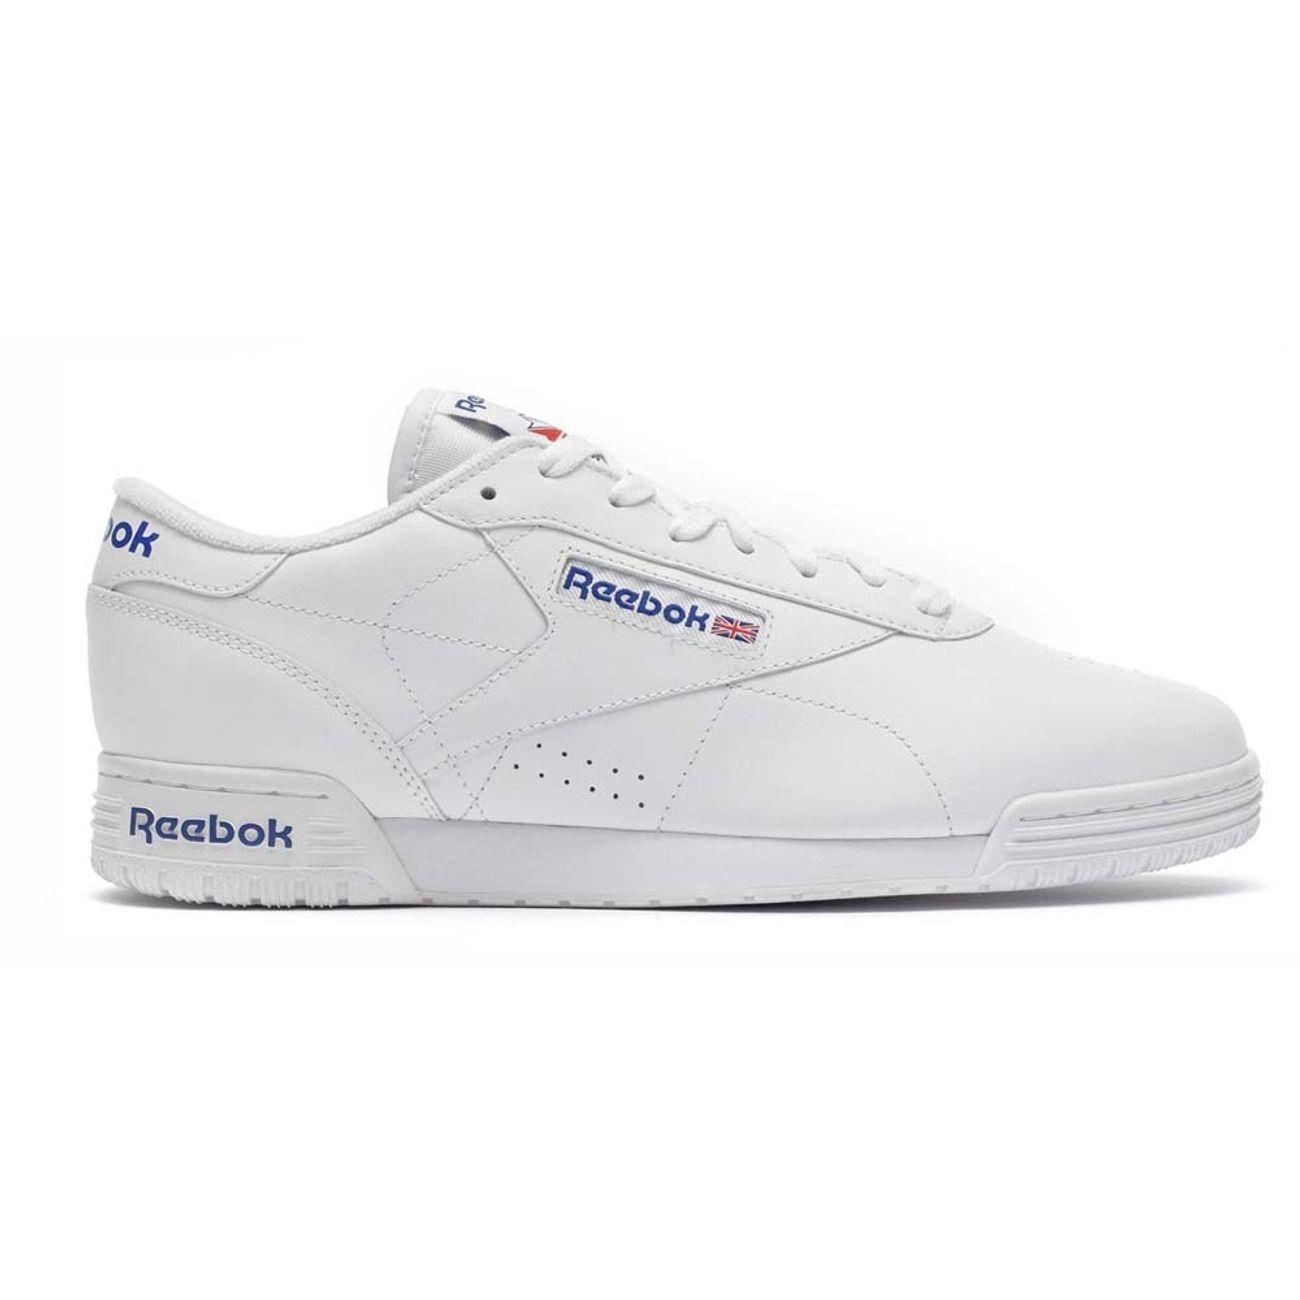 8c2f2f8b0319 reebok classic exofit low homme la vente de chaussures bon marché ...